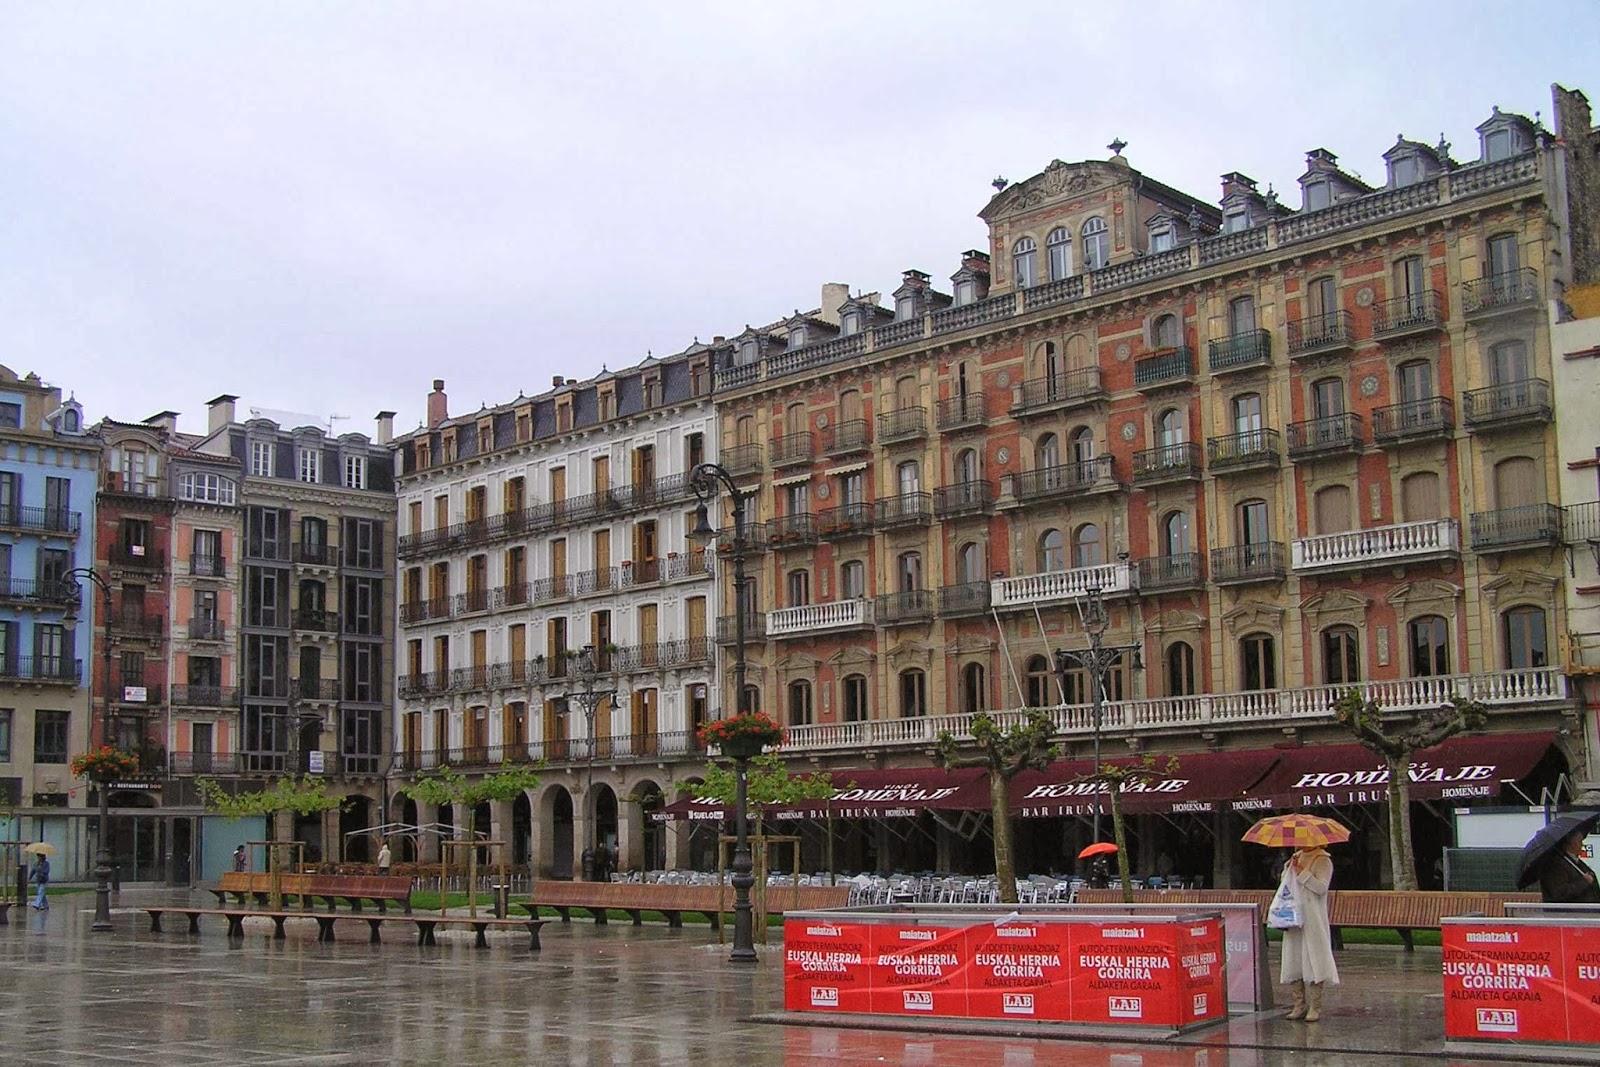 Plaza del castillo, Pamplona.